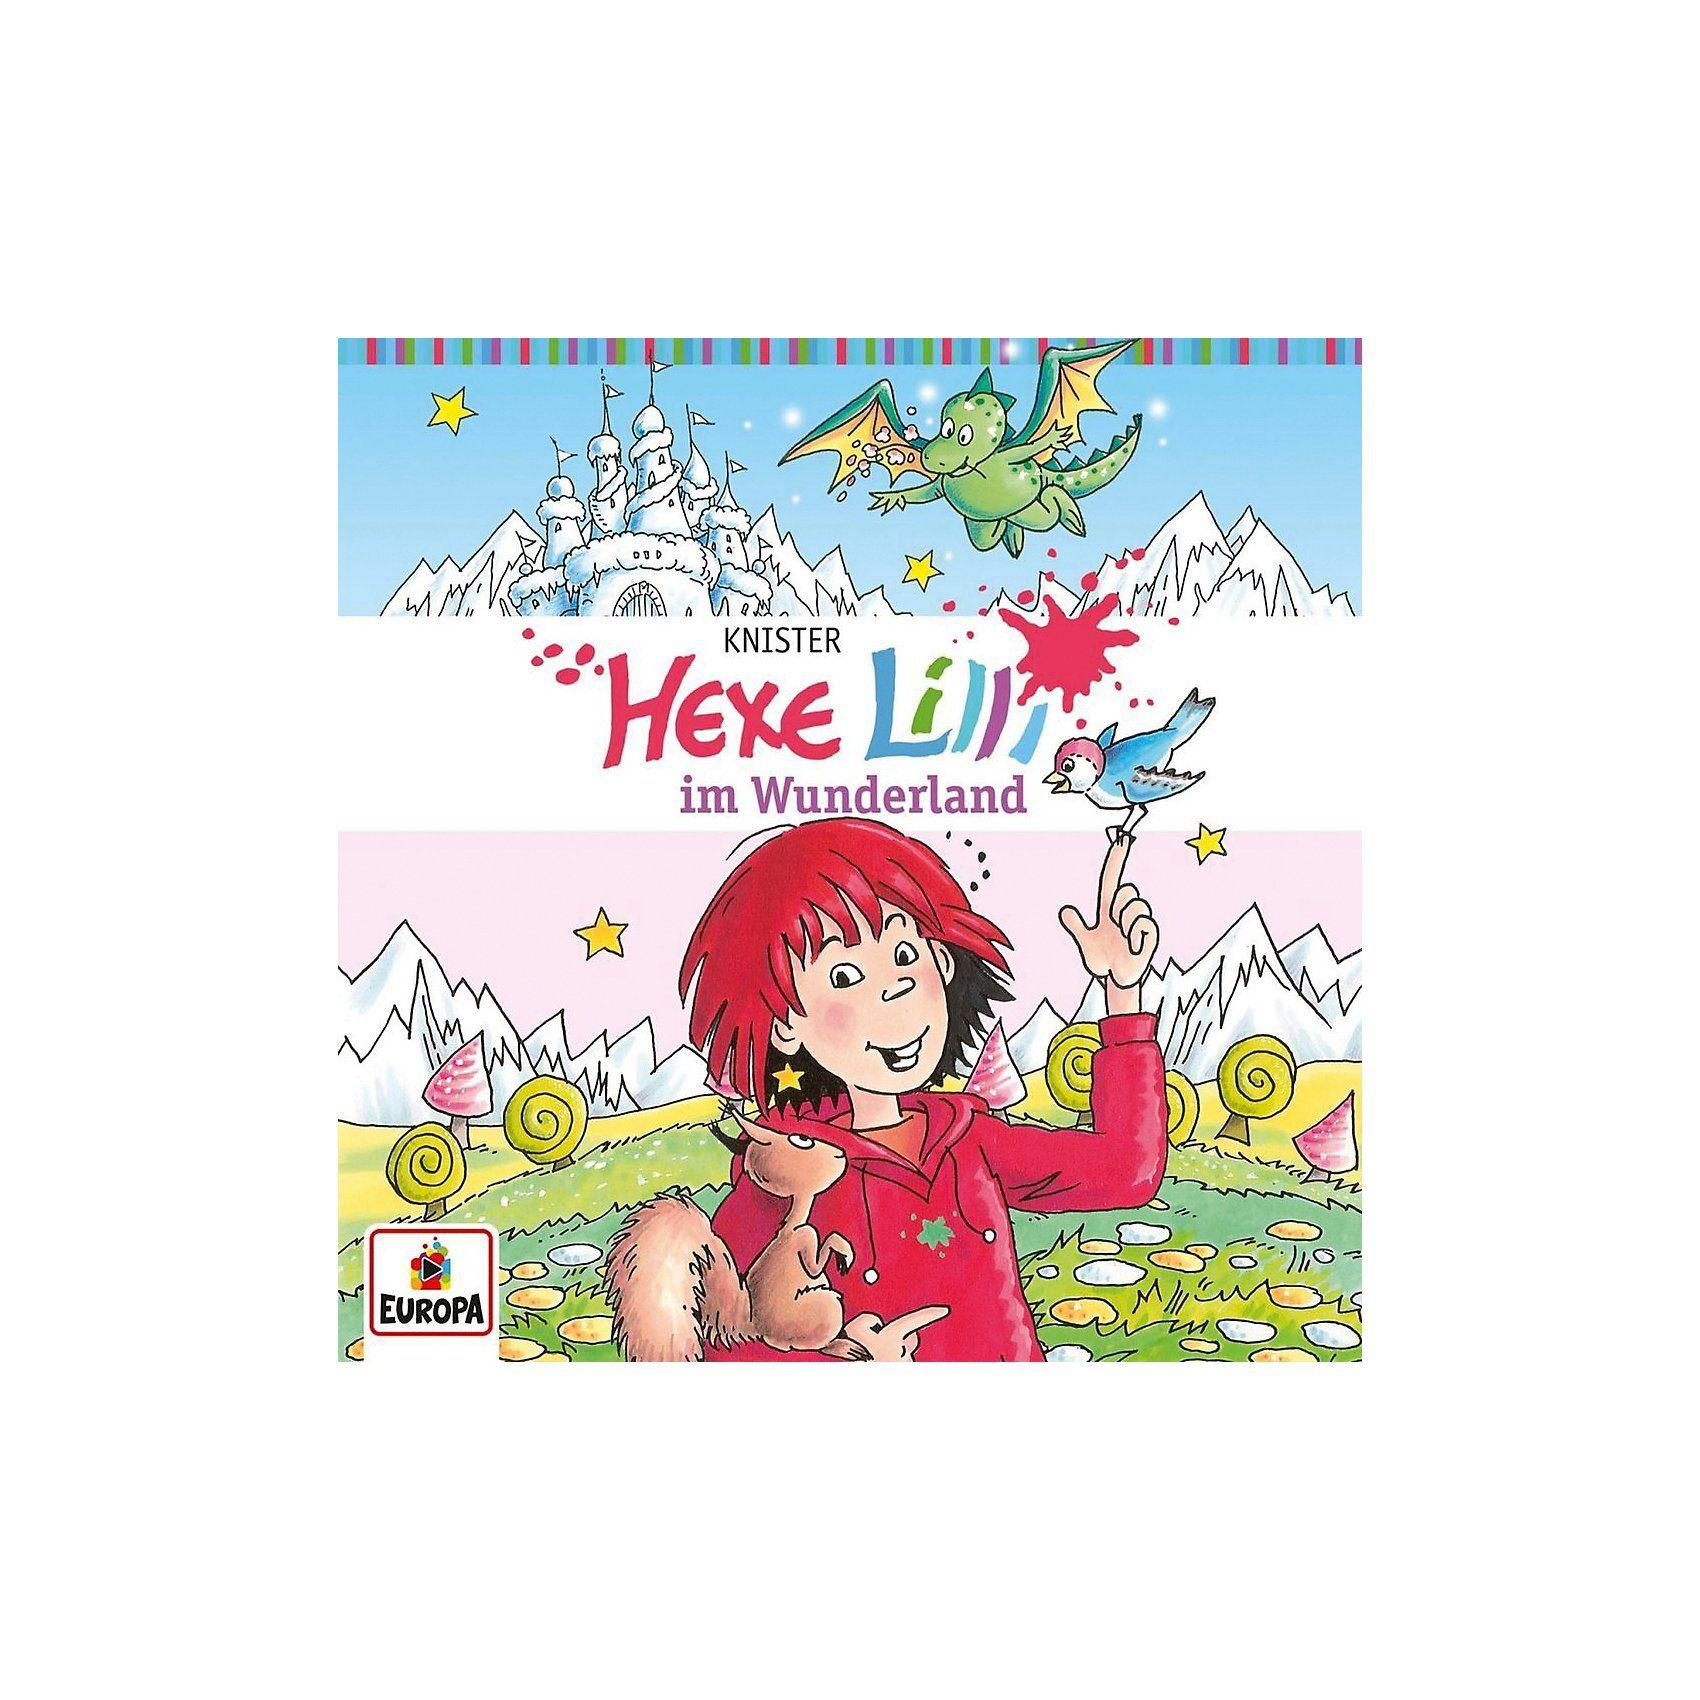 Sony CD Hexe Lilli 18 - im Wunderland